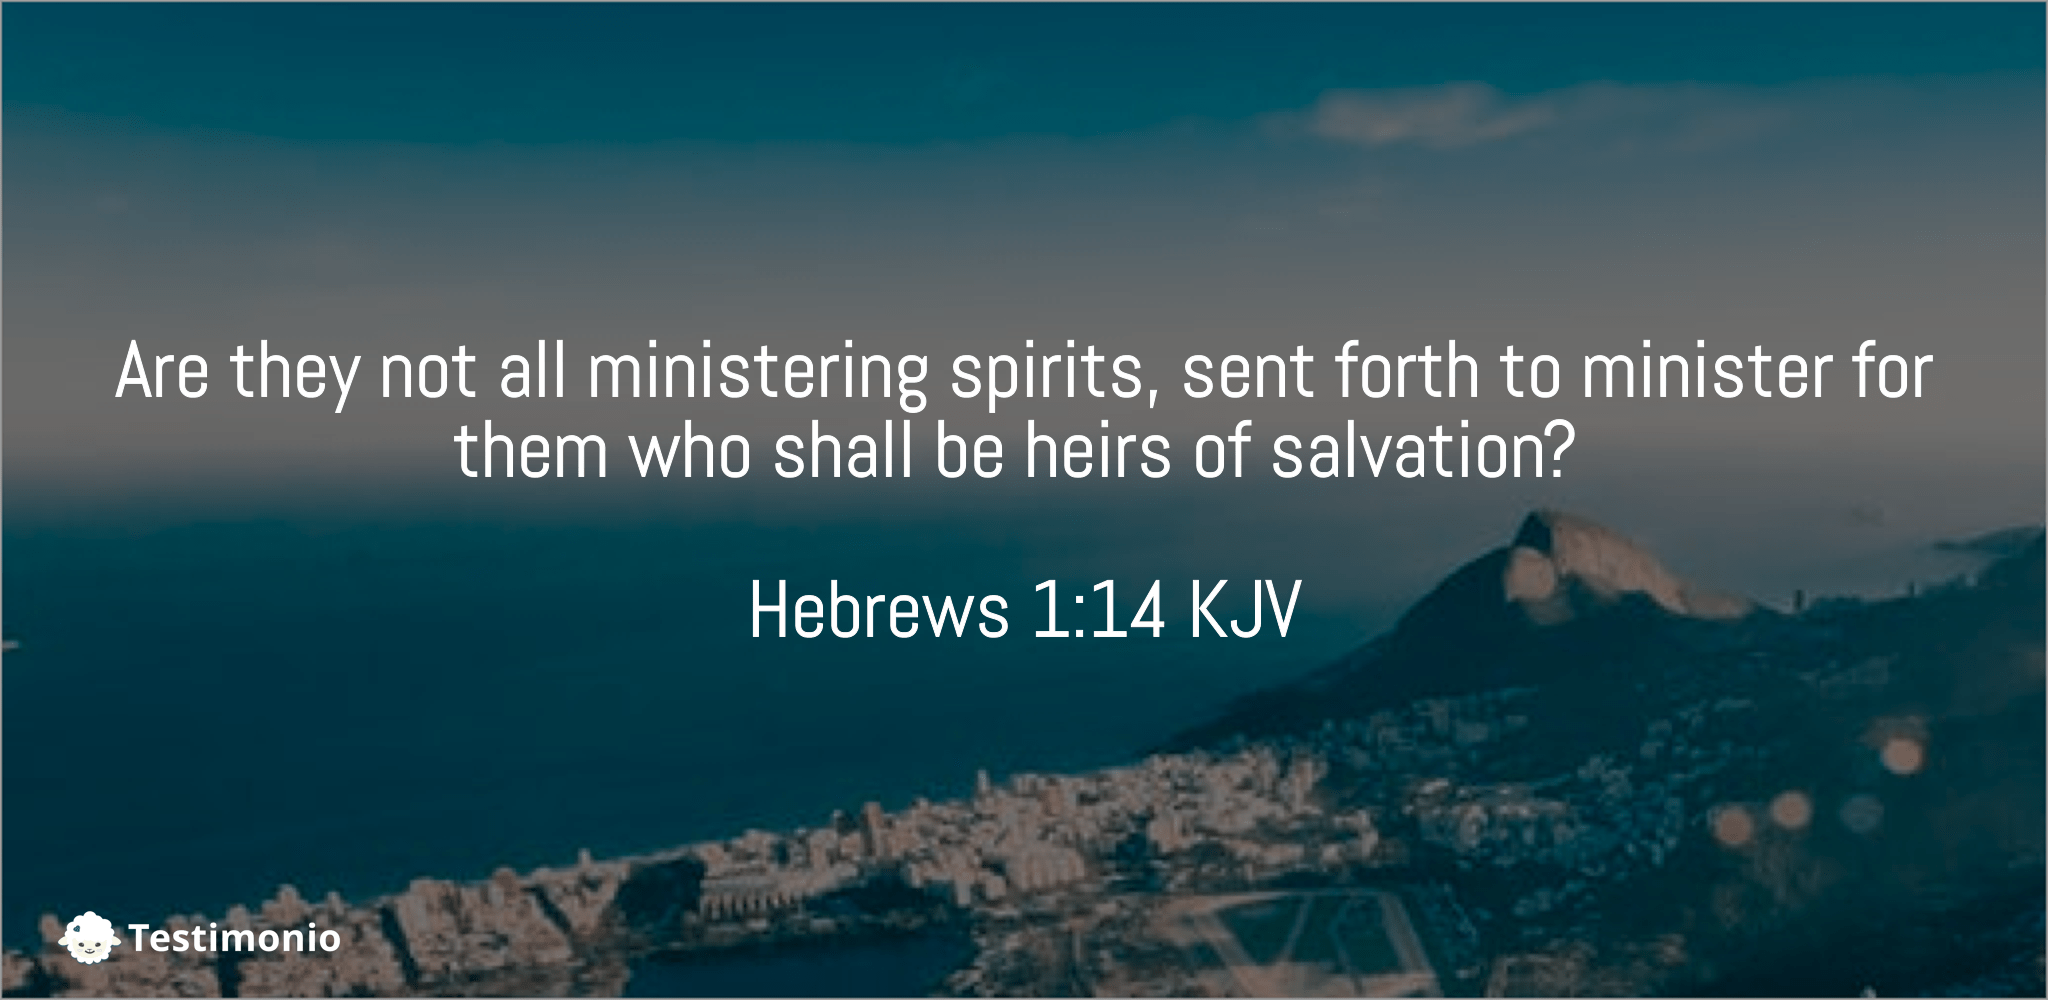 Hebrews 1:14